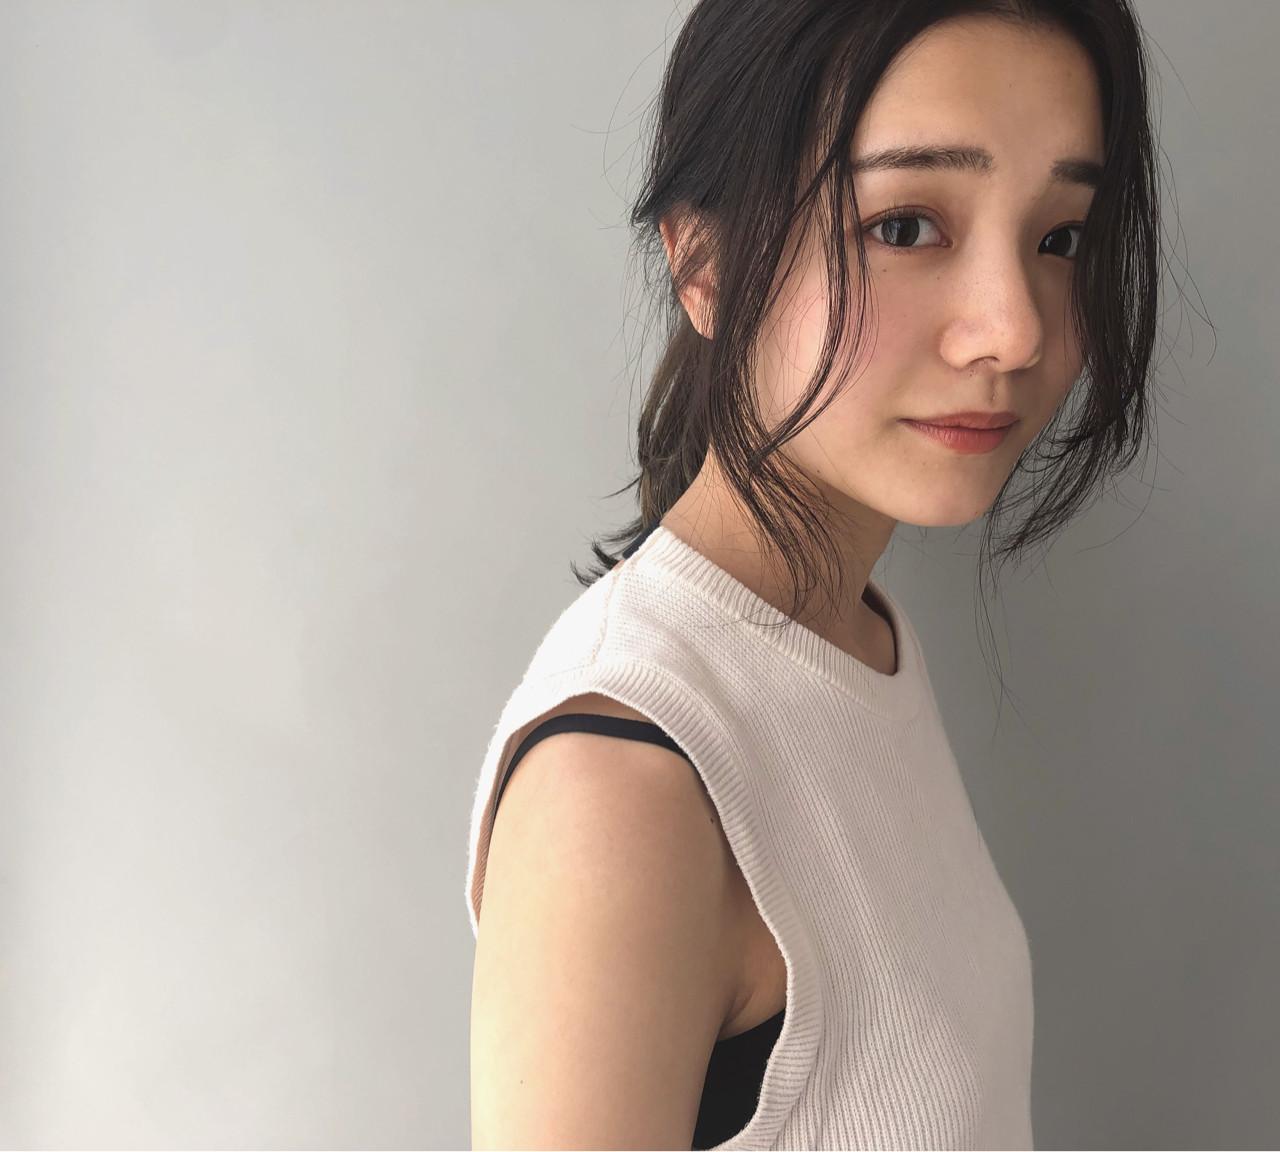 前髪あり 簡単ヘアアレンジ ヘアアレンジ 抜け感 ヘアスタイルや髪型の写真・画像 | 小走 祥菜 / tricca daikanyama